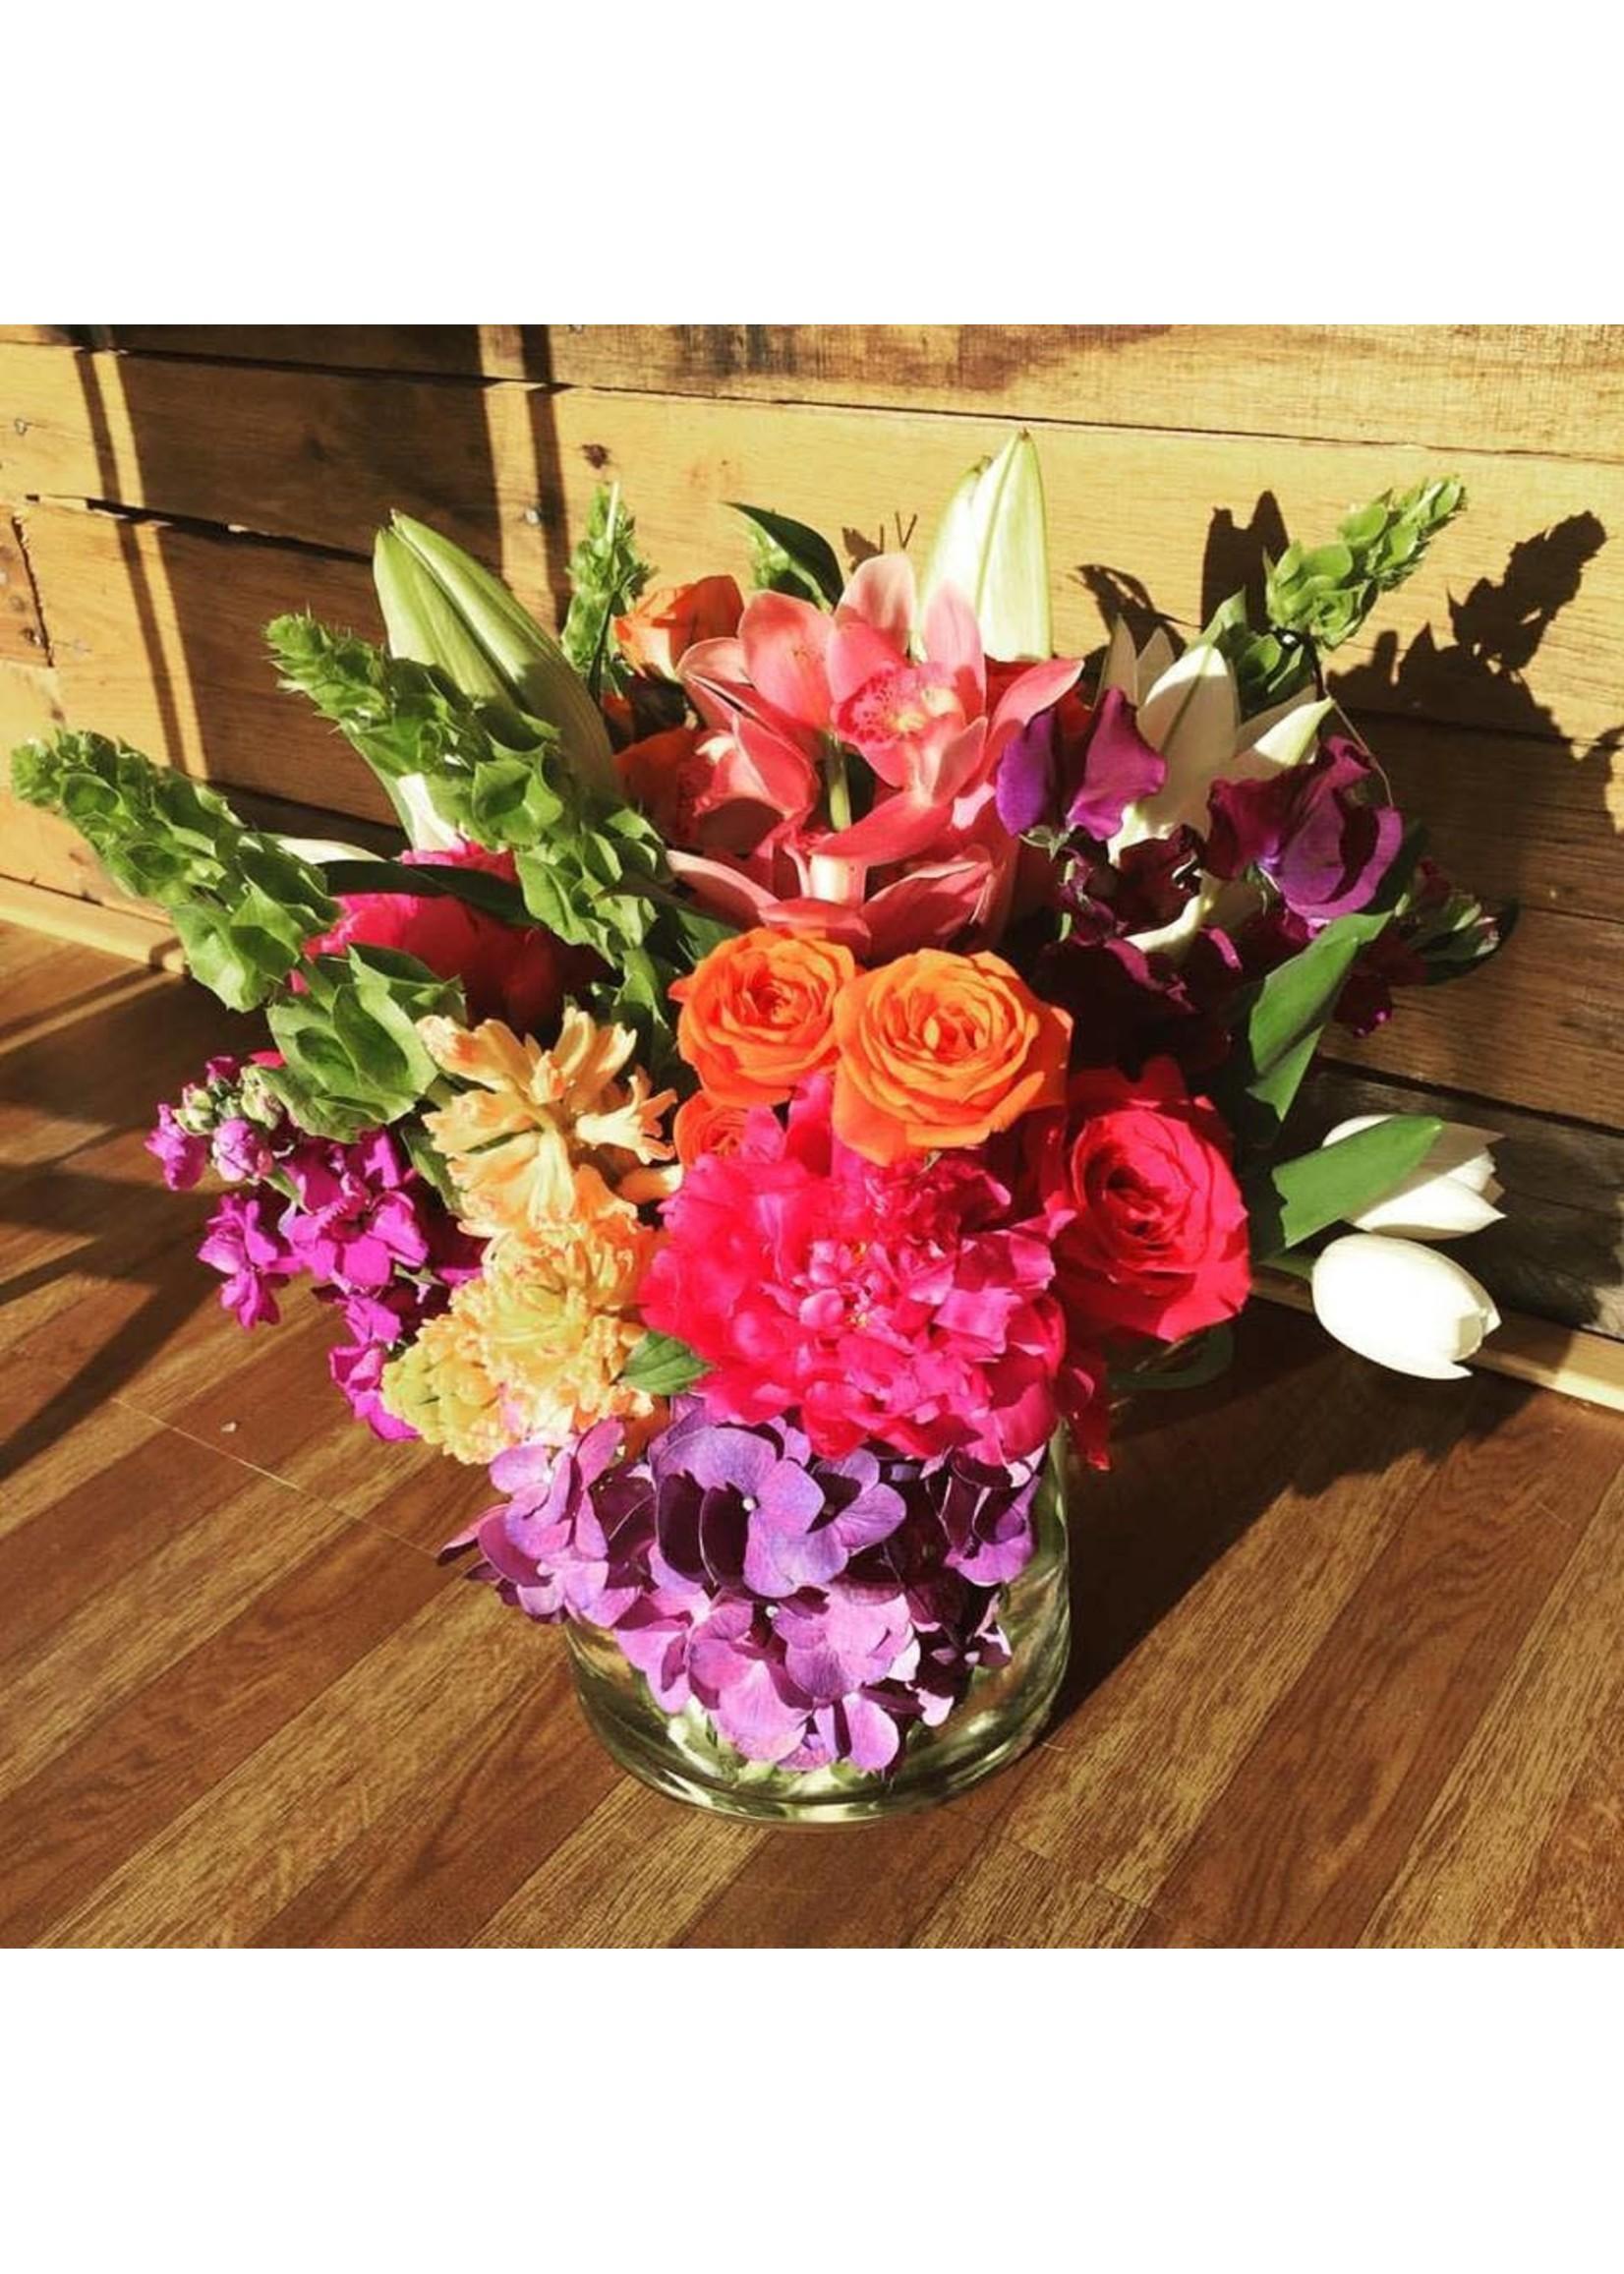 Large Extravagant Seasonal Blooms